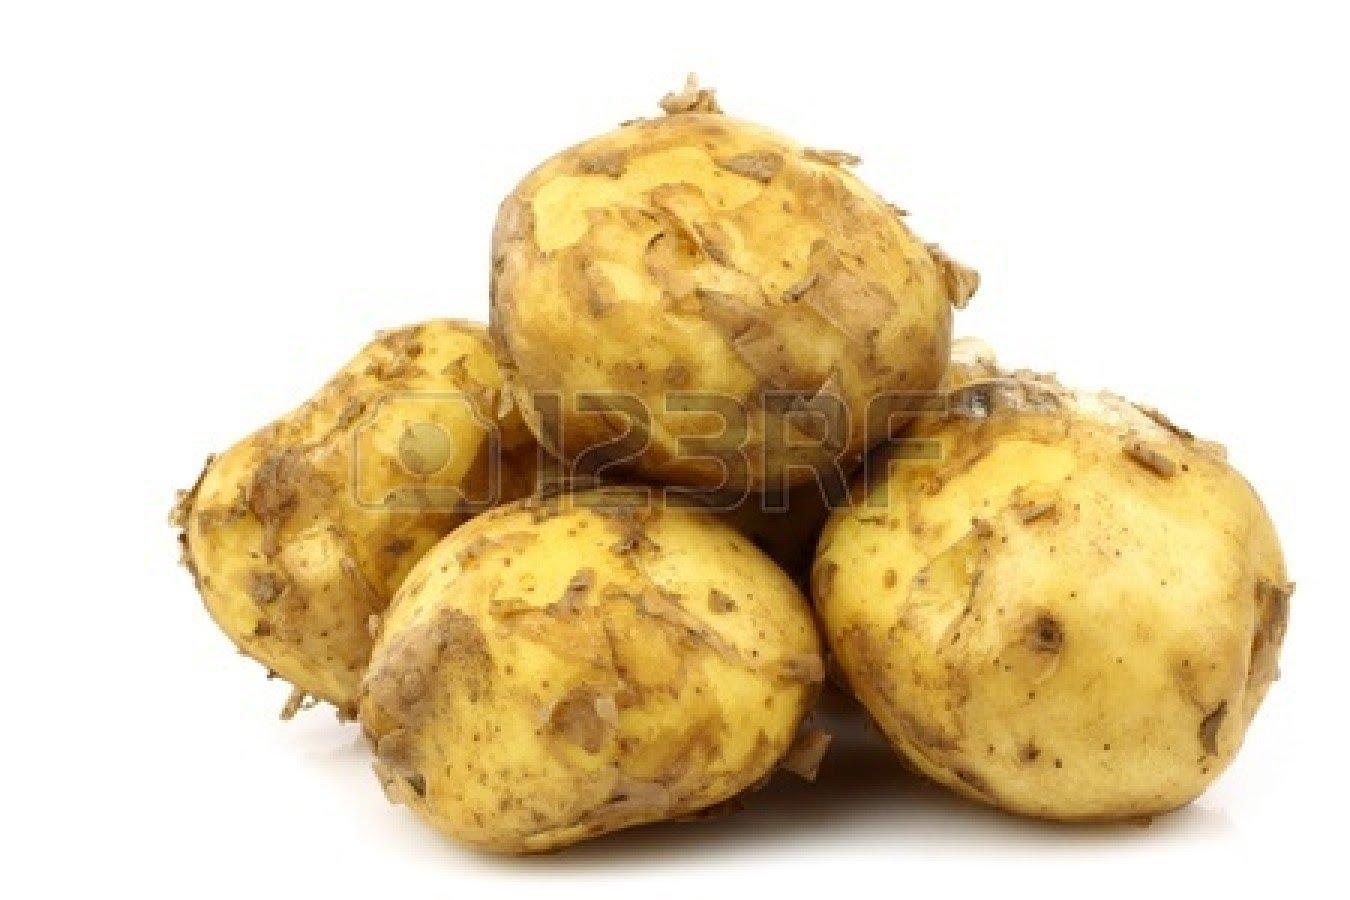 Вижте как се бели цял чувал картофи само за половин минута (Видео)